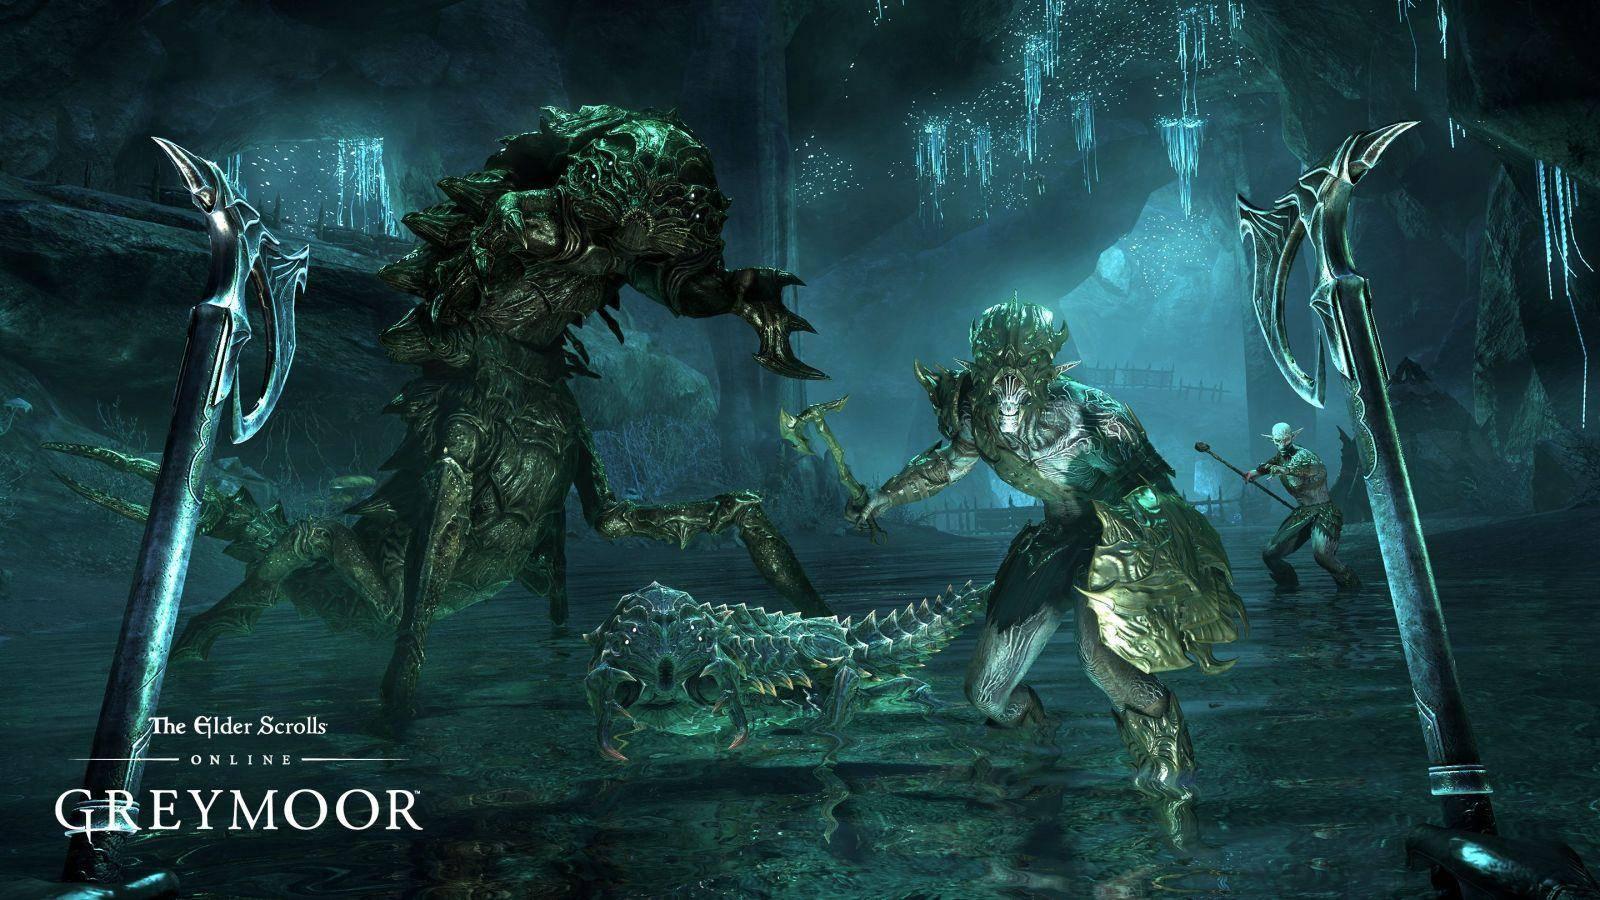 La tierra de Skyrim regresa a consolas con The Elder Scrolls Online 4